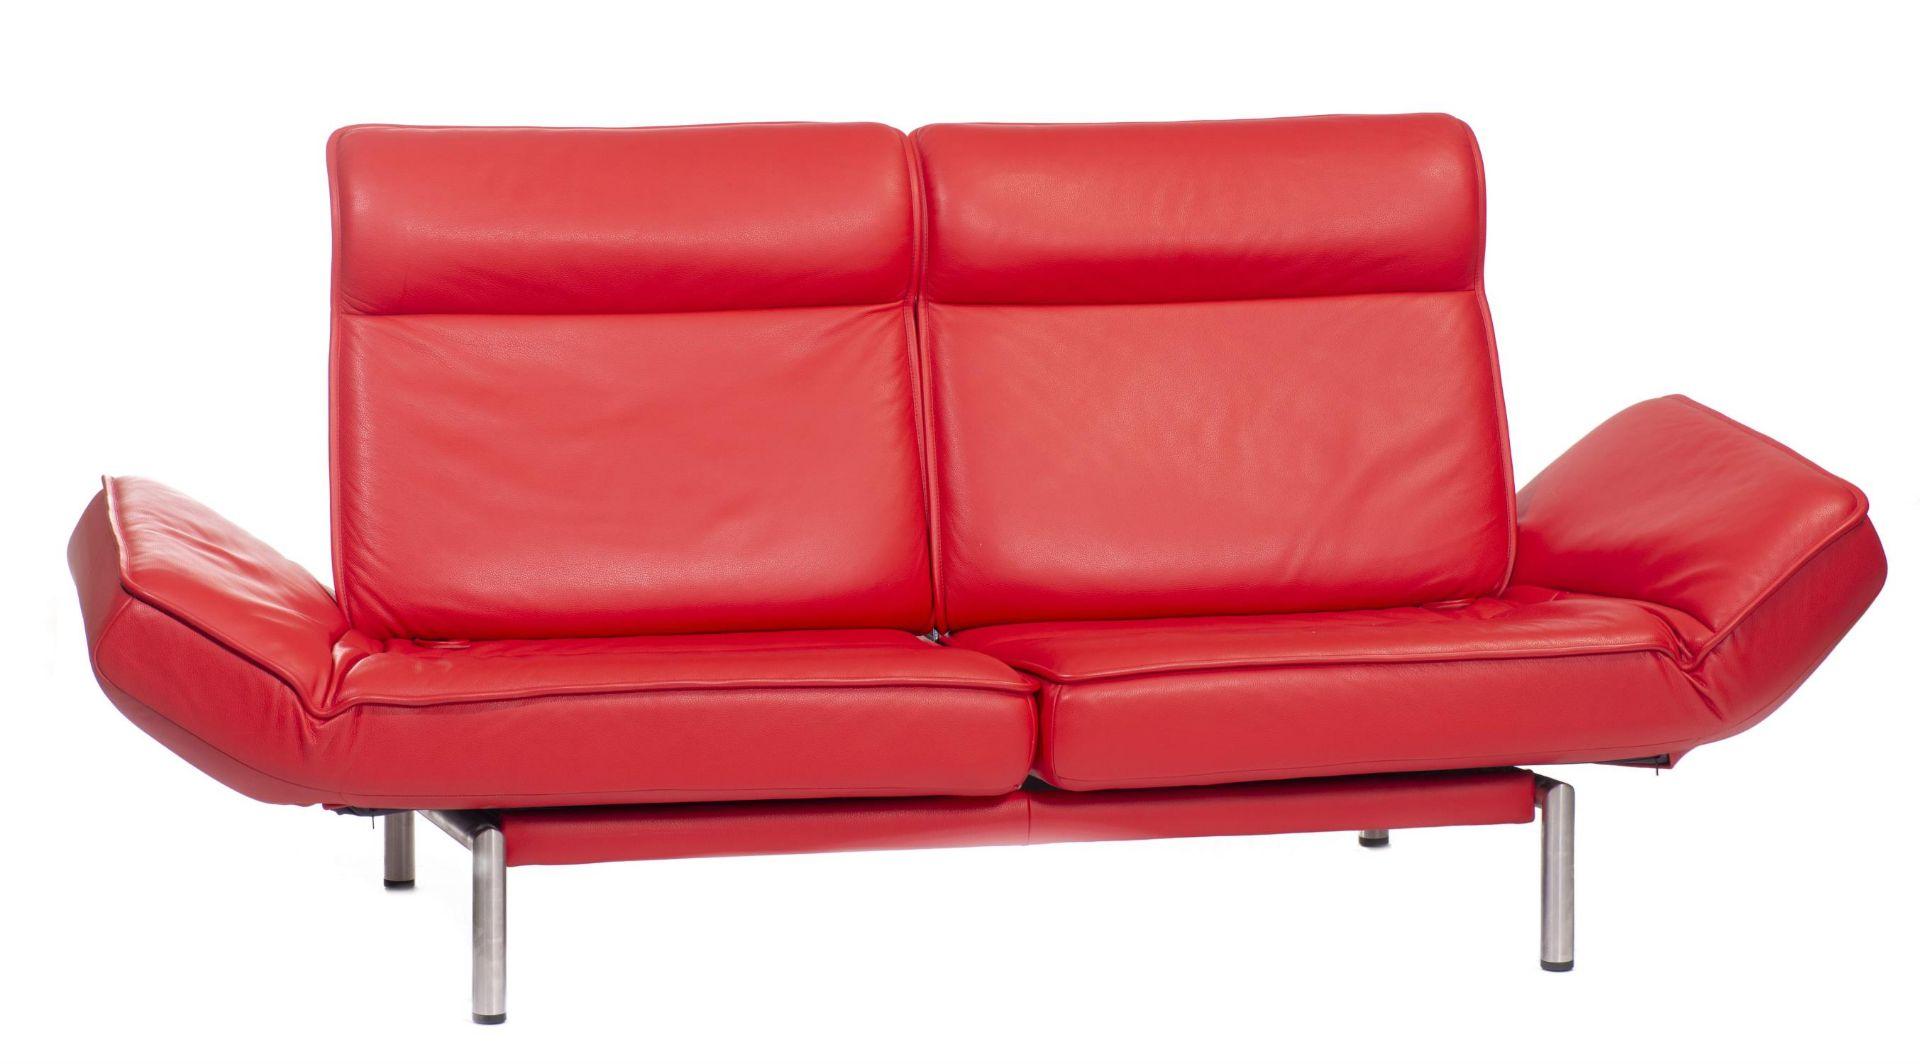 Thomas Althaus, canapé de Sède, modèle ds-450 - Bild 3 aus 10